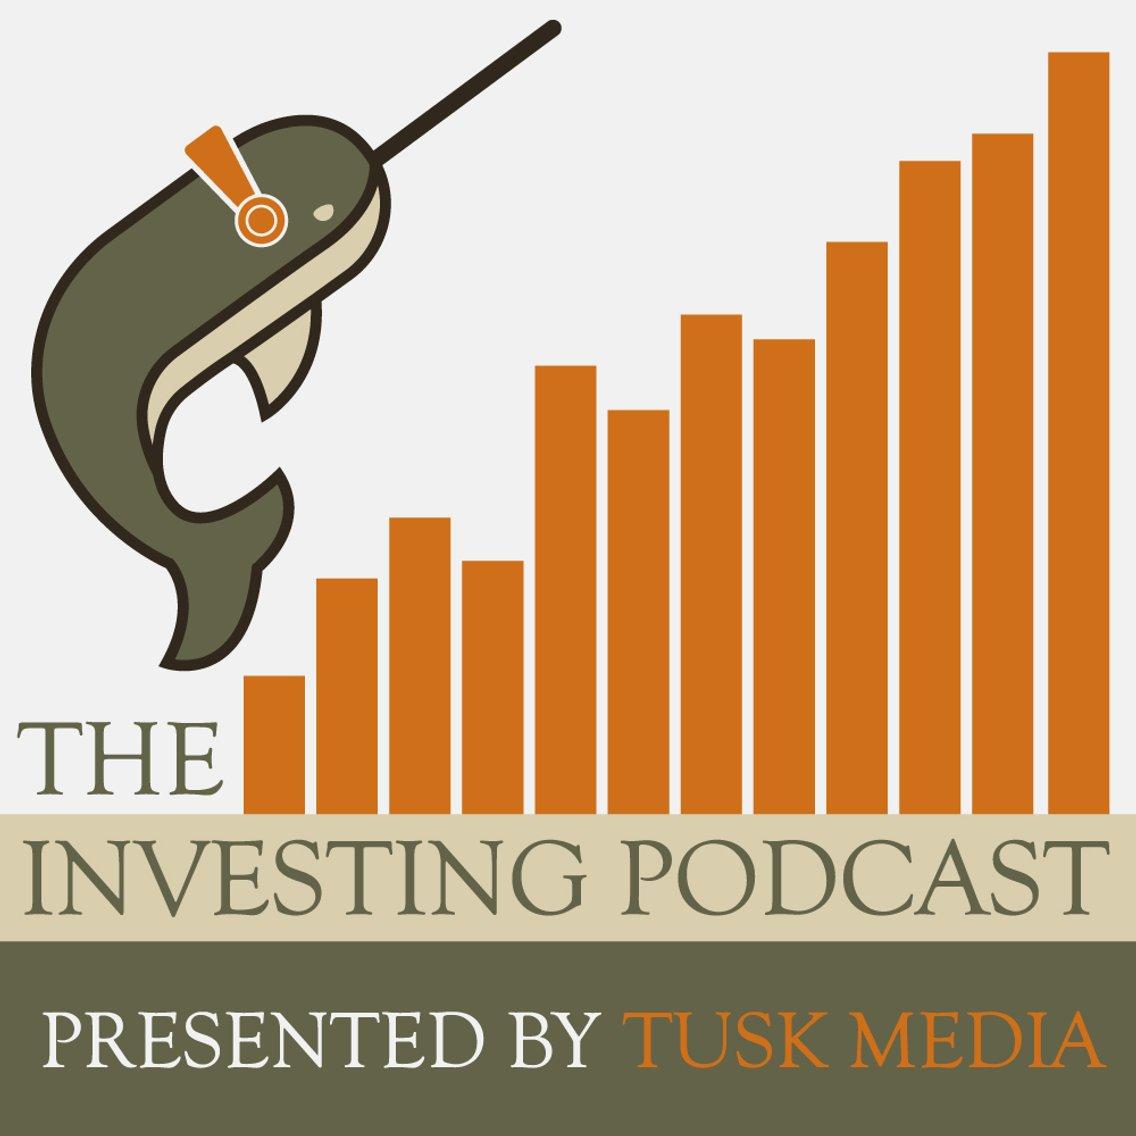 The Investing Podcast - imagen de portada